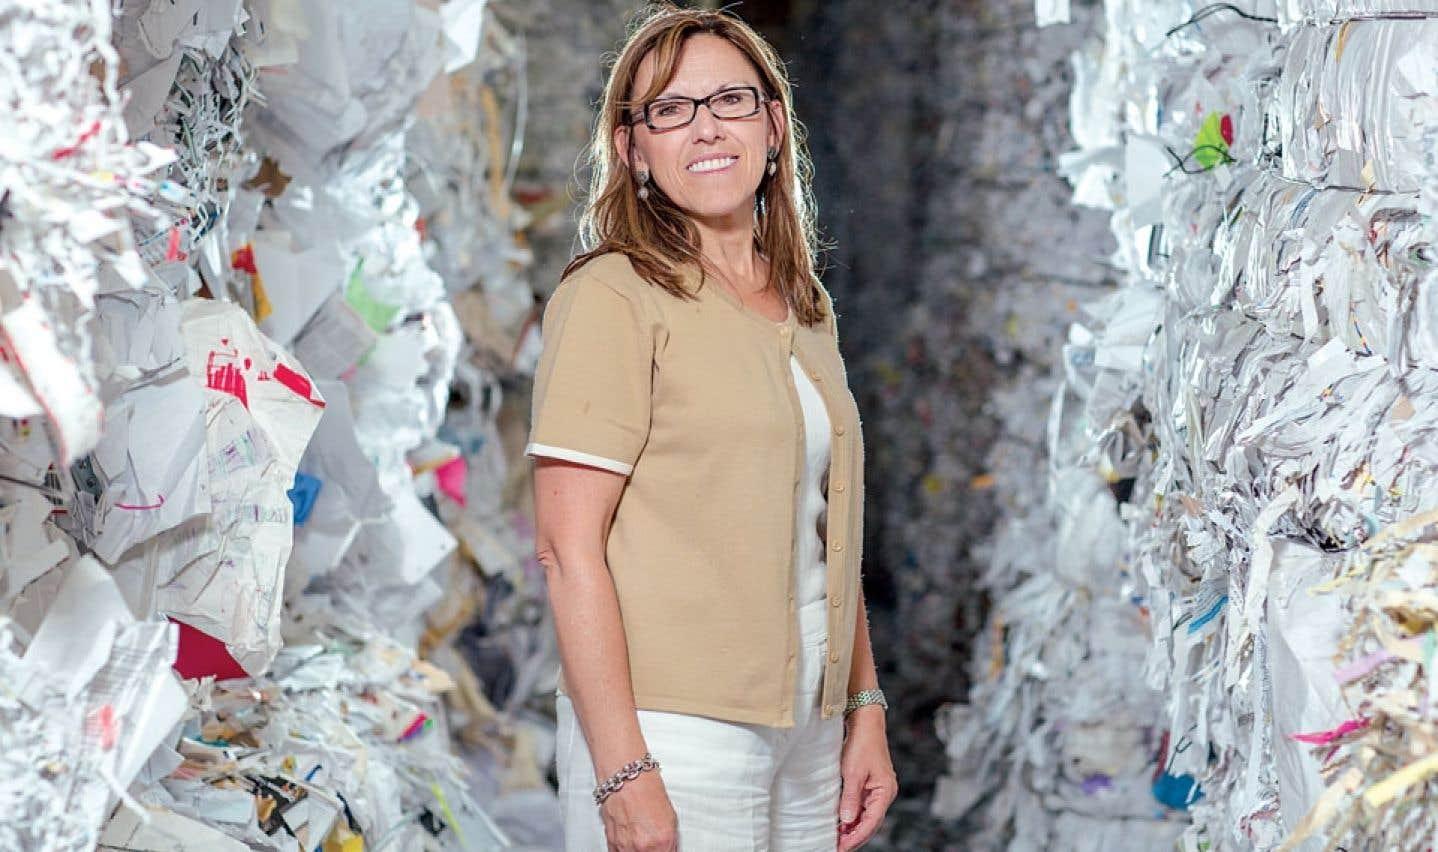 Entrée chez Cascades en 1978, Suzanne Blanchet dirige aujourd'hui Cascades Groupe Tissu, qui génère environ un milliard de dollars par année.